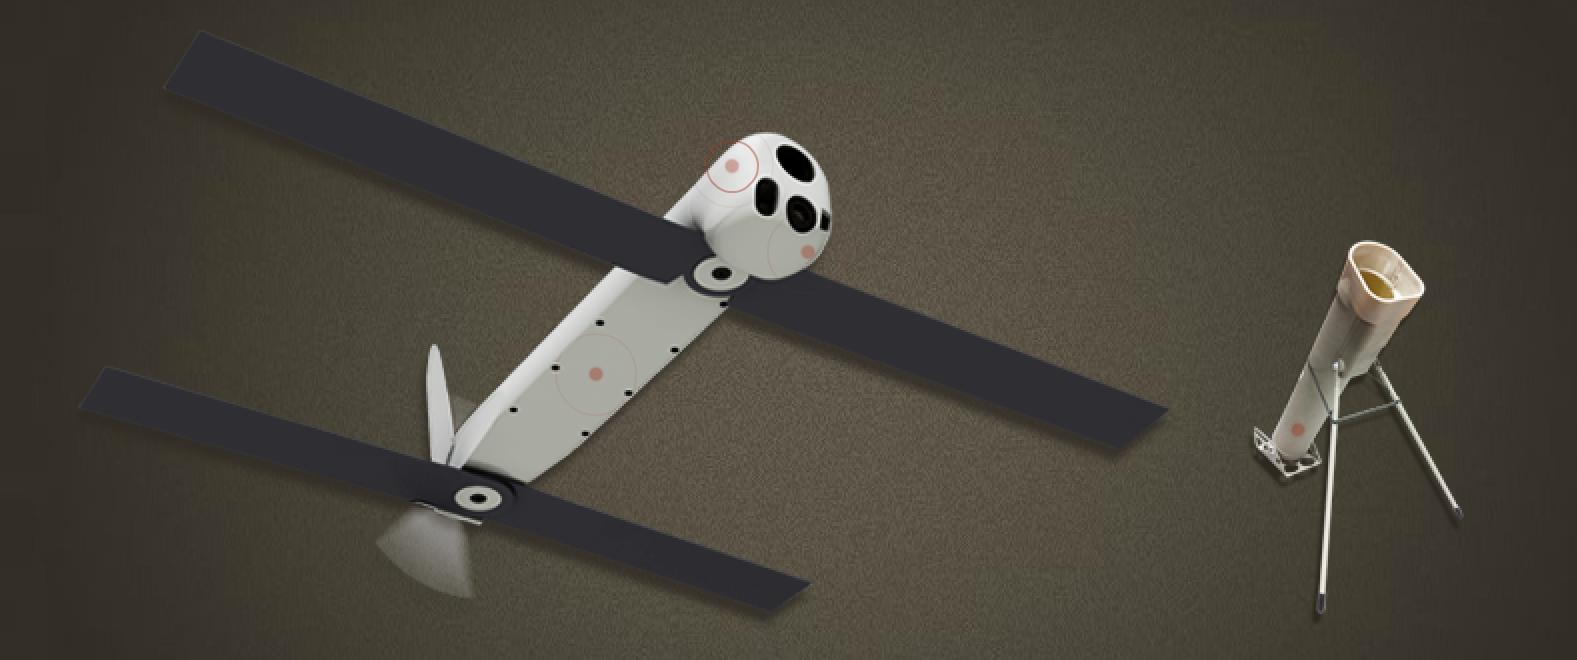 AeroVironment Switchblade UAV. AeroVironment Image